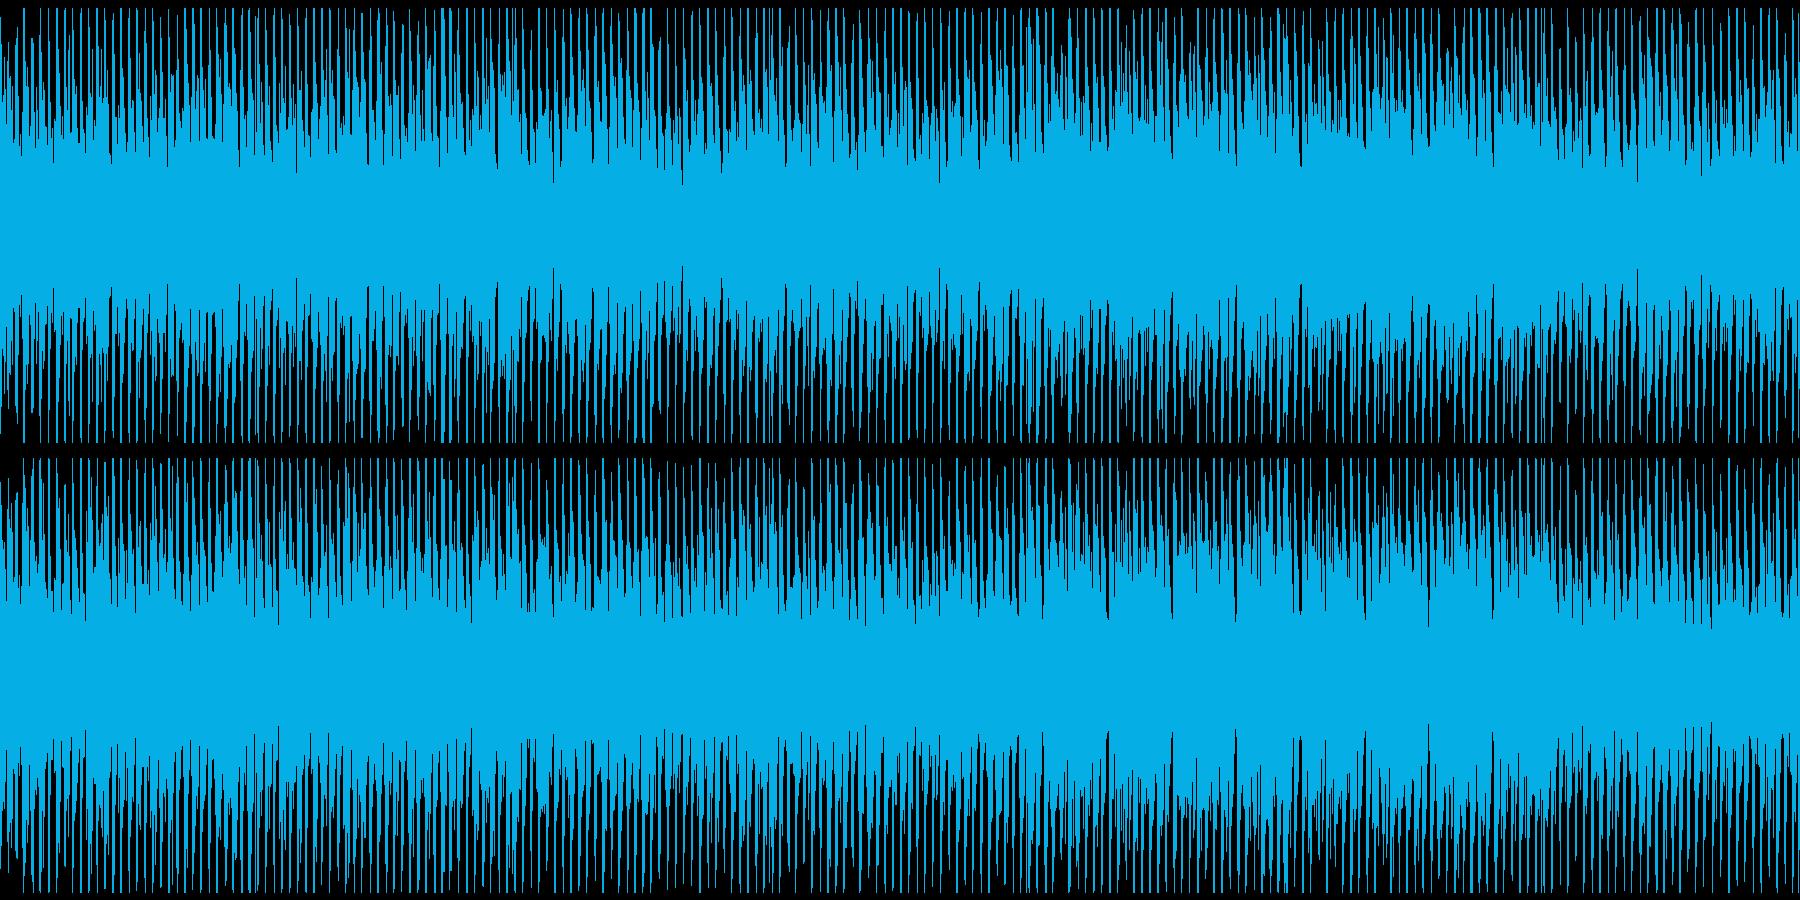 悲しみを背負っていそうなピアノの旋律の曲の再生済みの波形